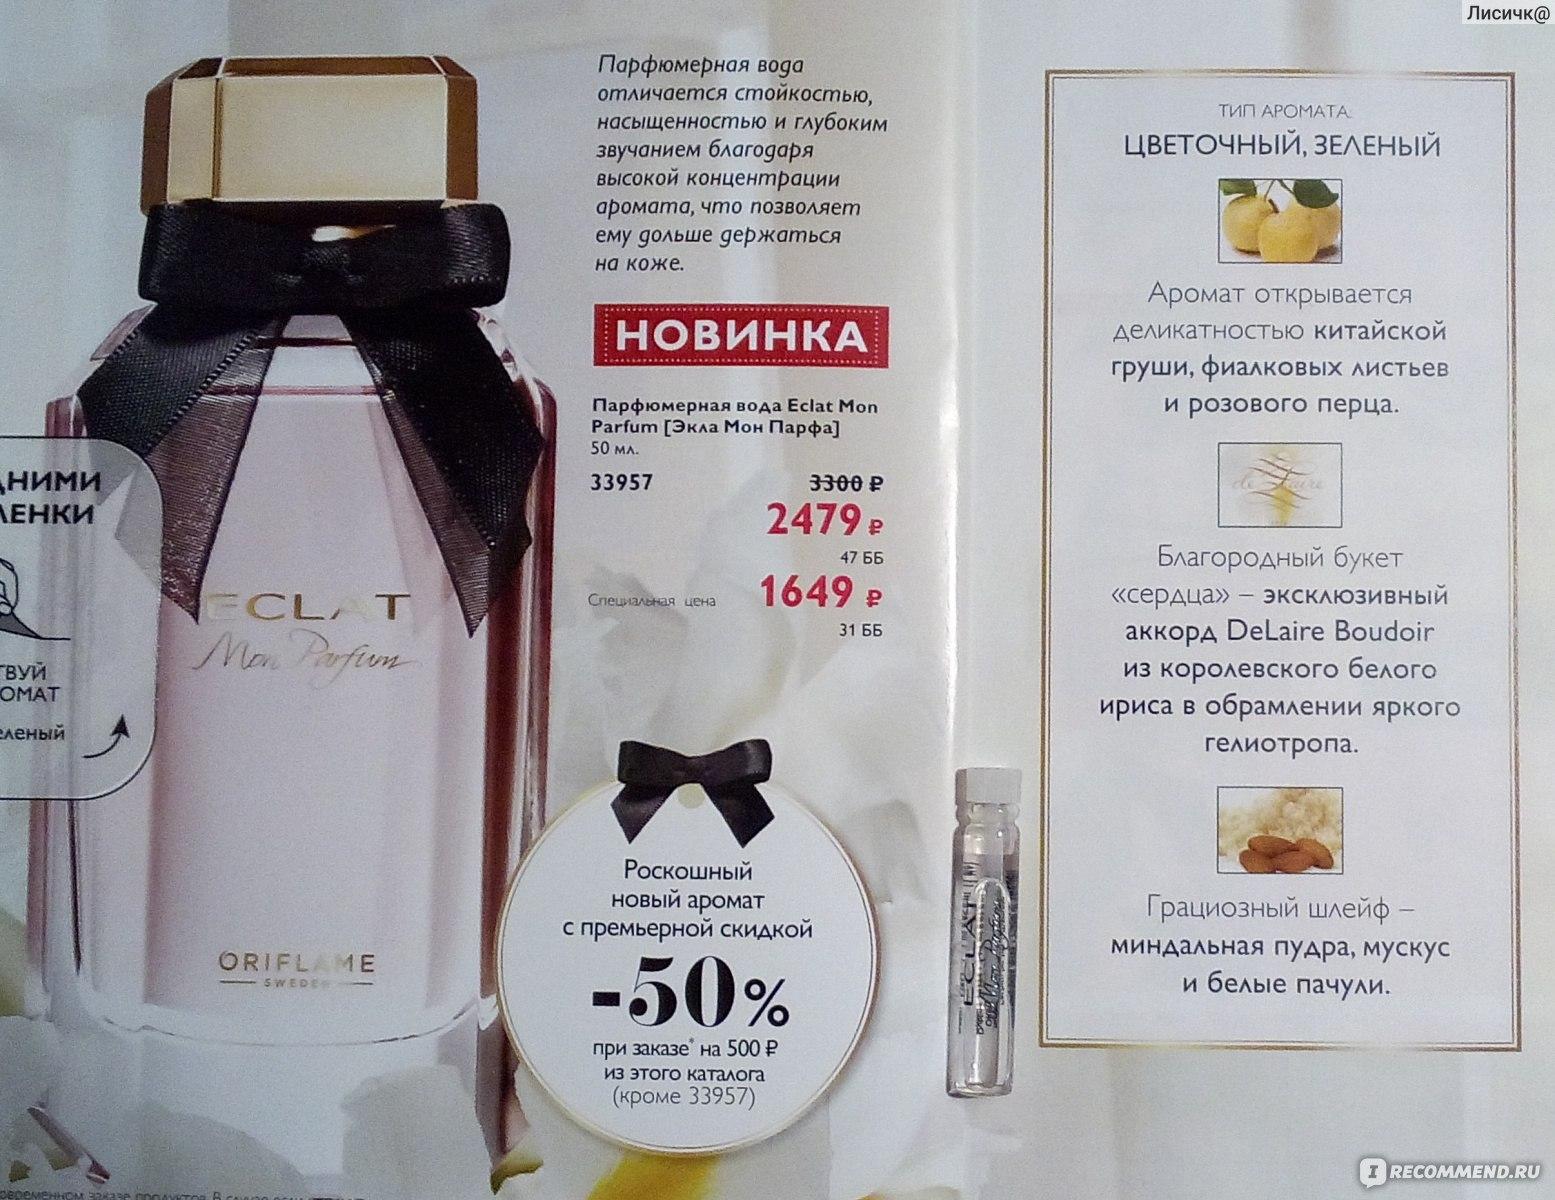 Oriflame Eclat Mon Parfum аромат пудровой нежности отзывы